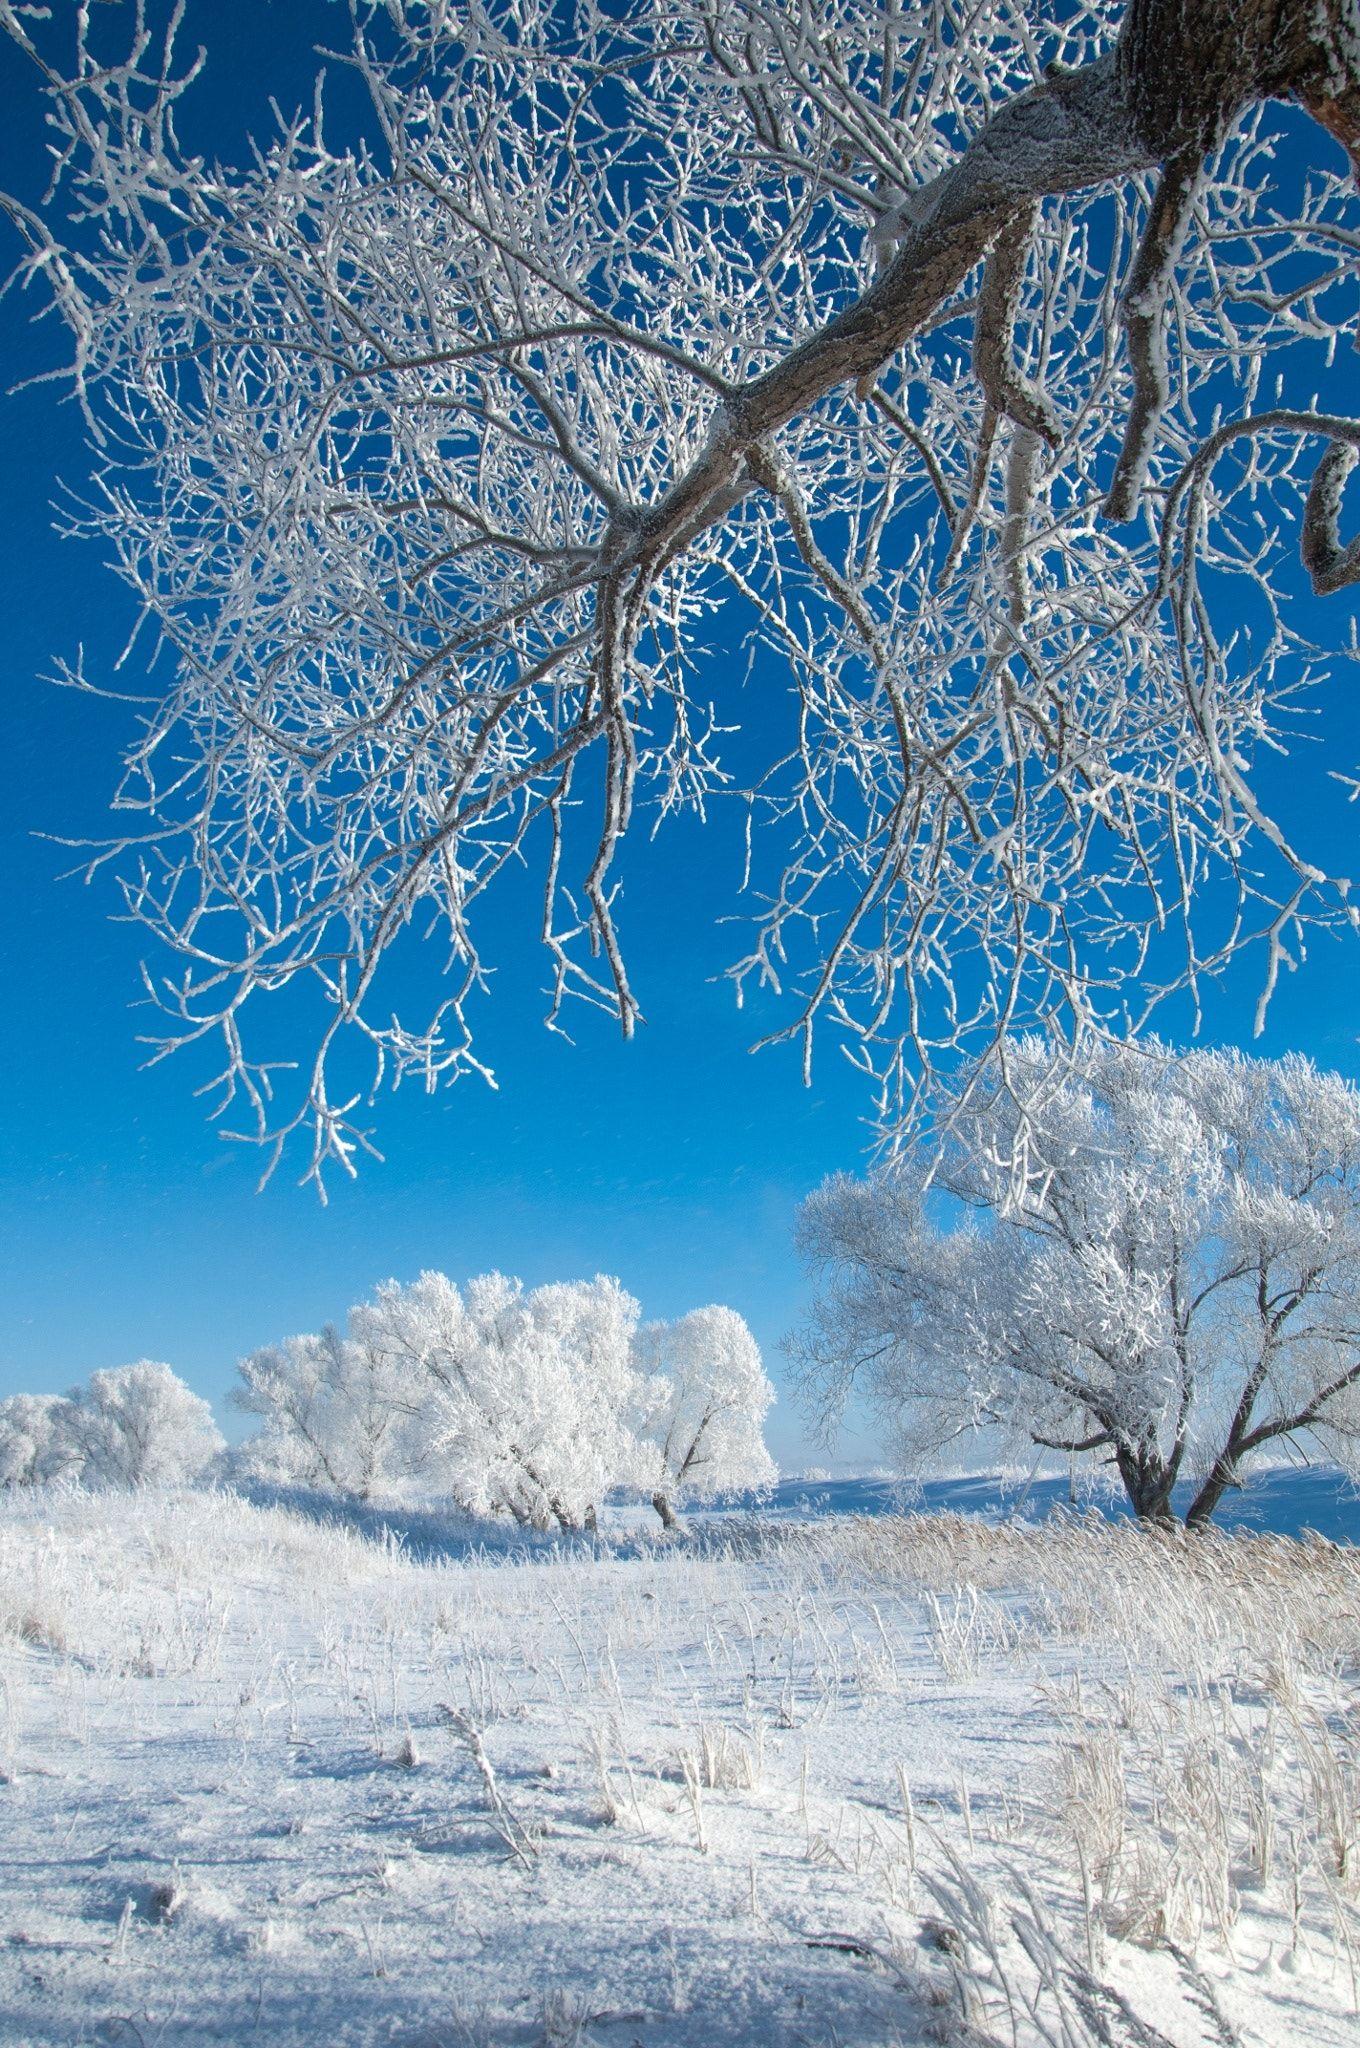 Winter Winter Tide Winter Time